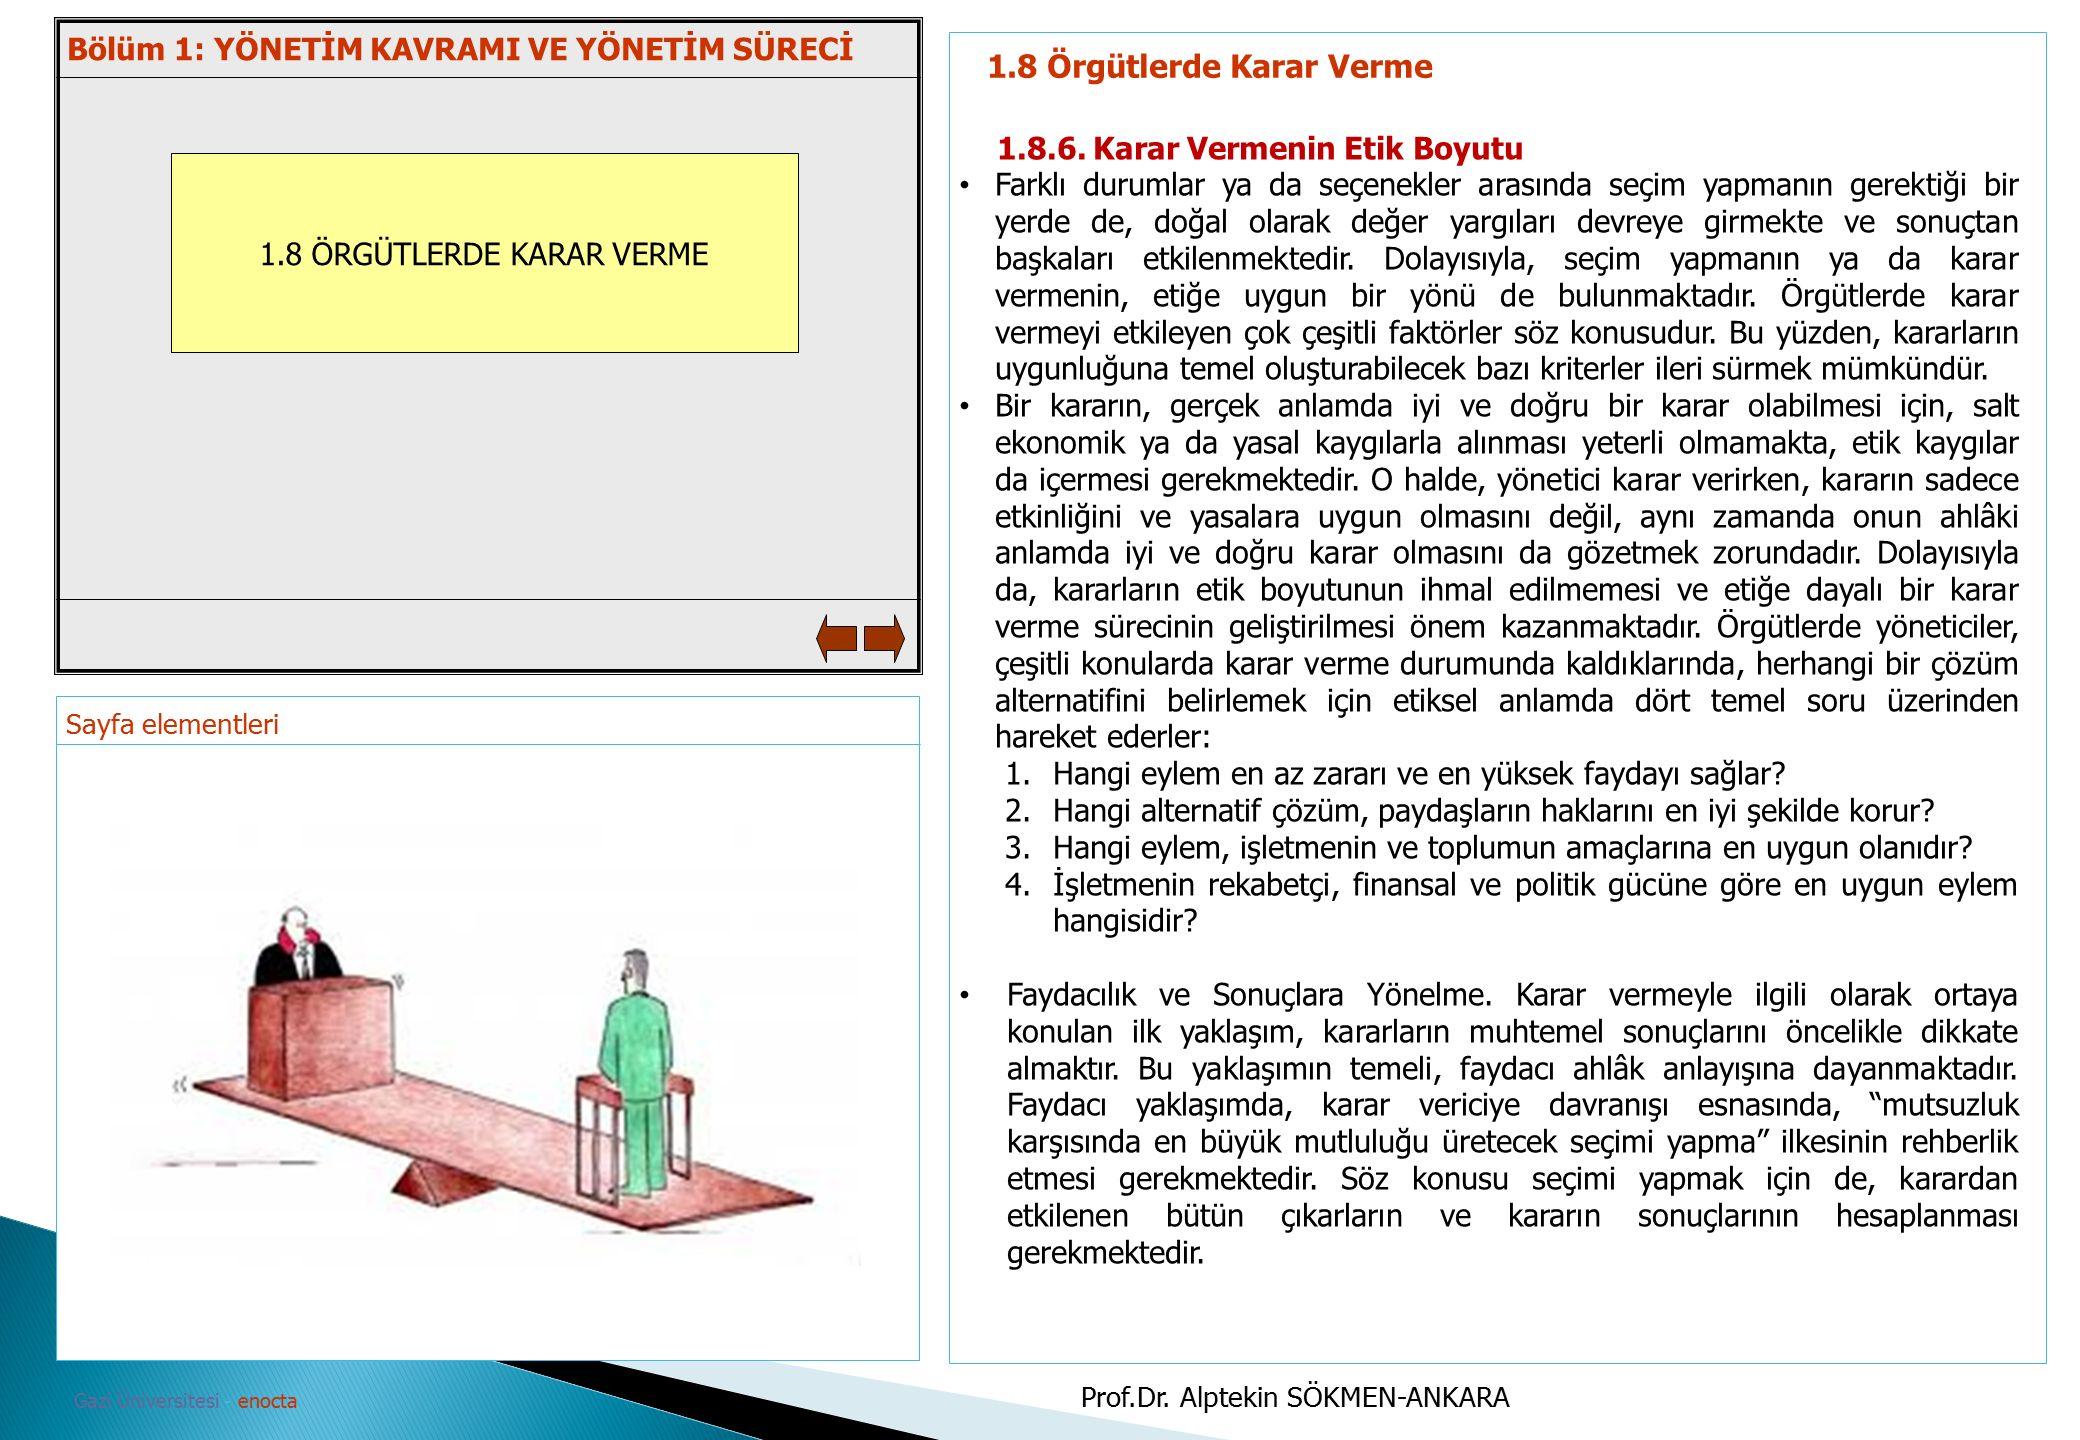 Sayfa elementleri Gazi Üniversitesi - enocta 1.8 ÖRGÜTLERDE KARAR VERME 1.8 Örgütlerde Karar Verme 1.8.6. Karar Vermenin Etik Boyutu Farklı durumlar y